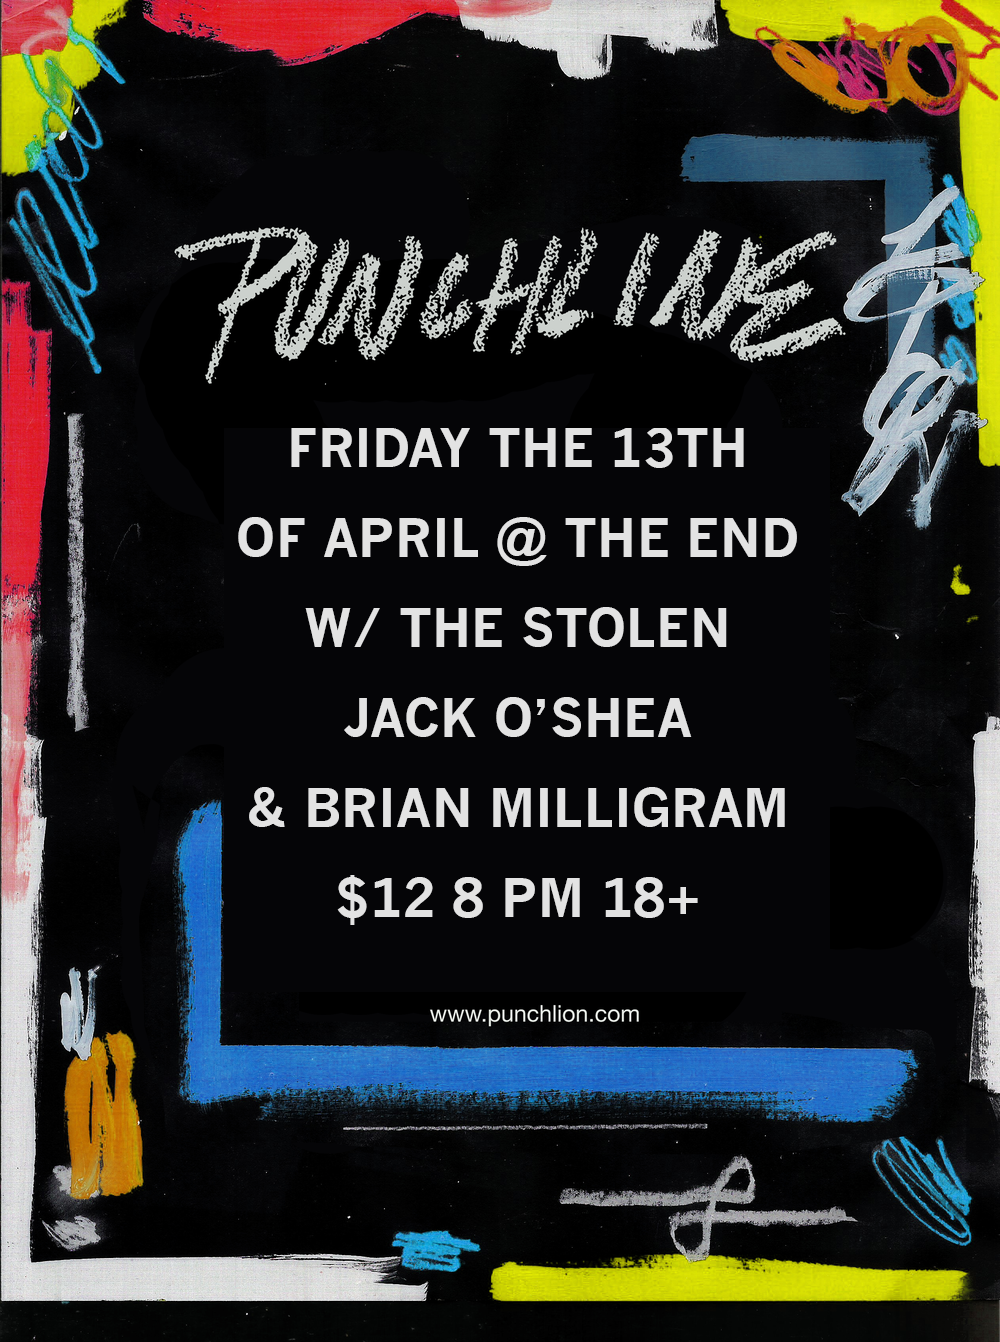 punchline-lion-tour-nashville-show-4-13-18.png